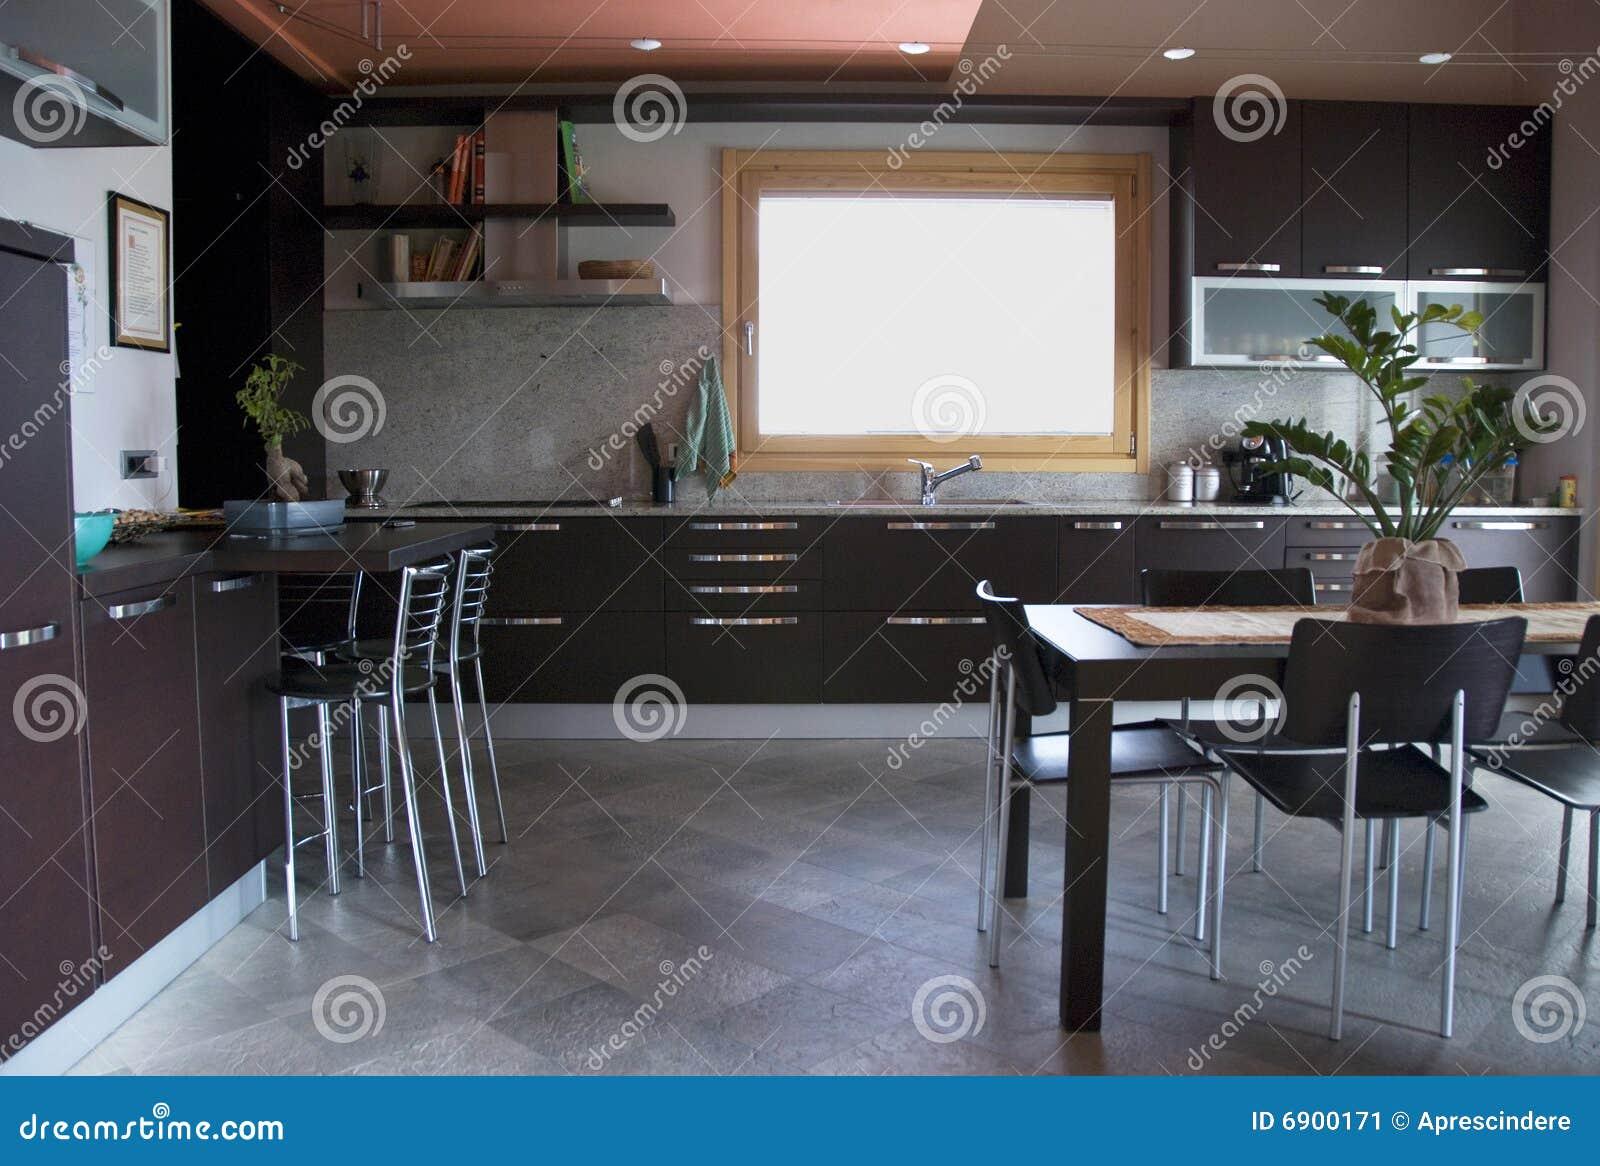 Cozinha moderna - interior